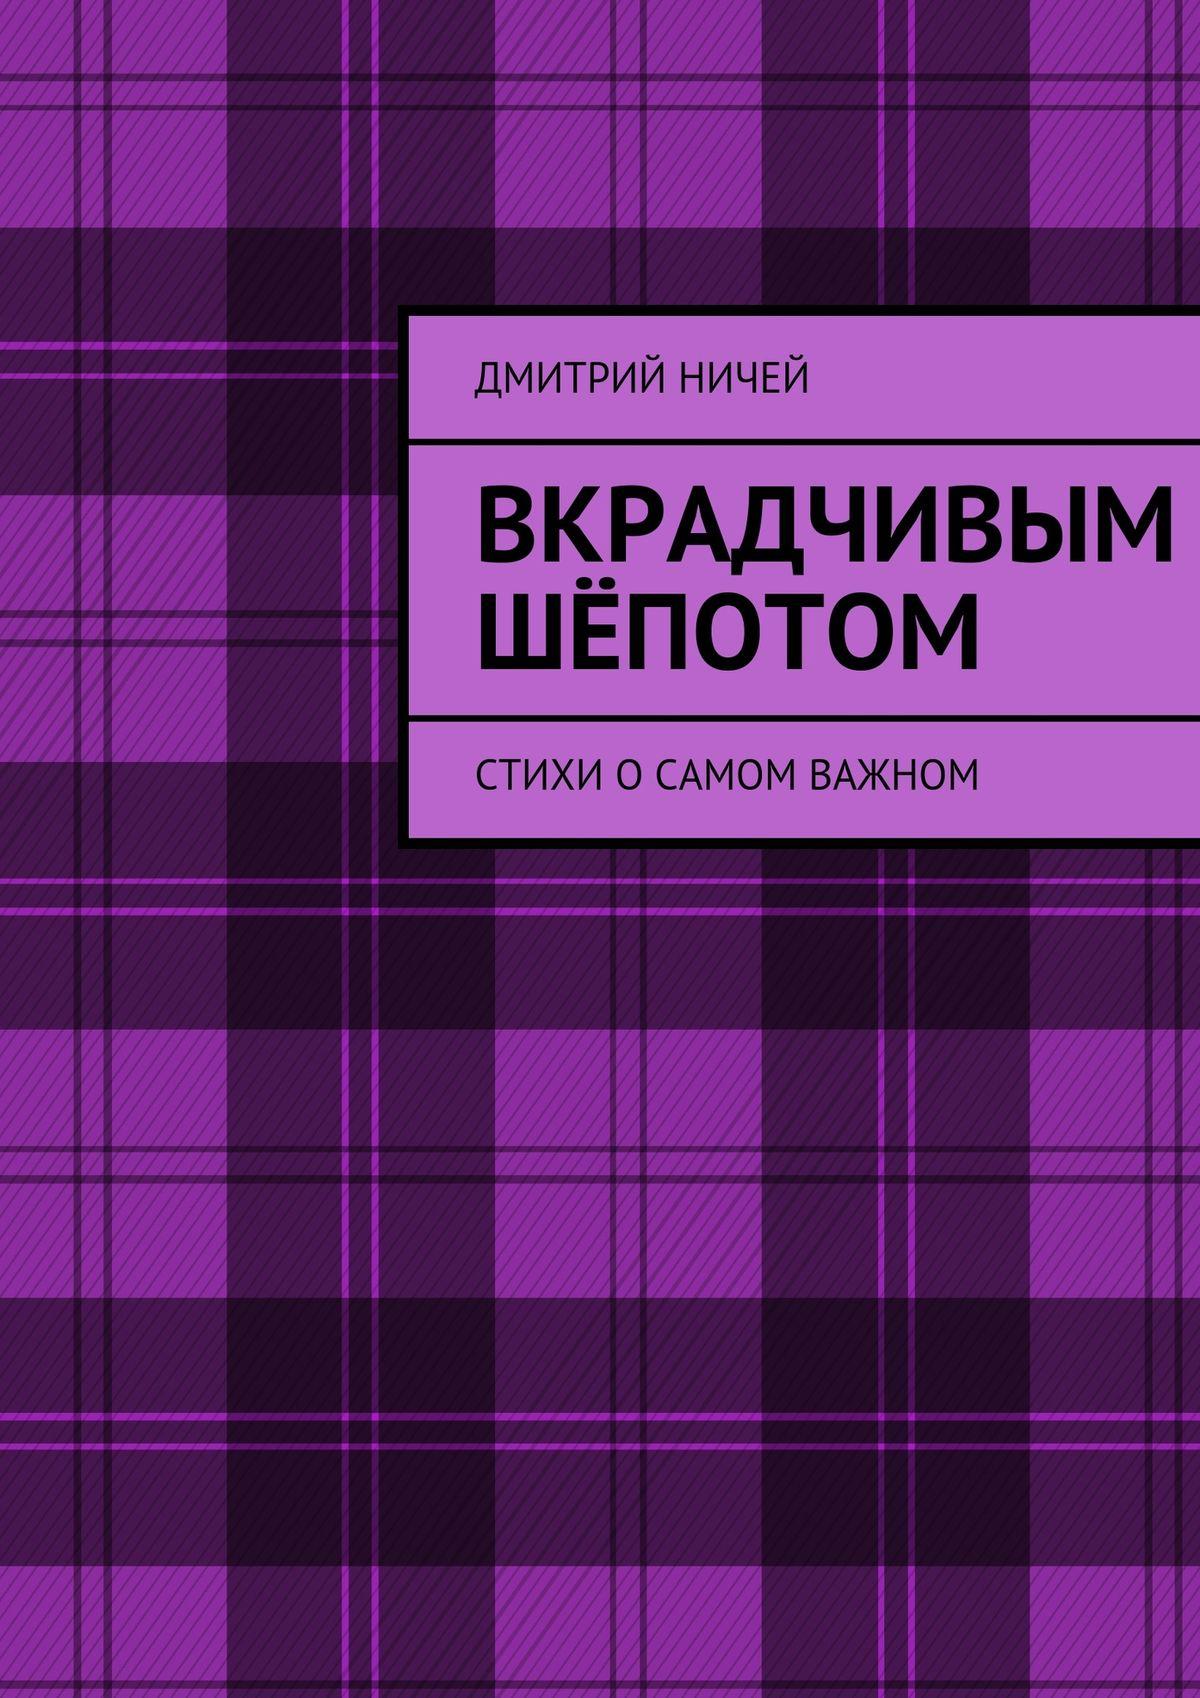 Дмитрий Ничей Вкрадчивым шёпотом дмитрий ничей мудрость в пыли книга вторая острая душевная недостаточность